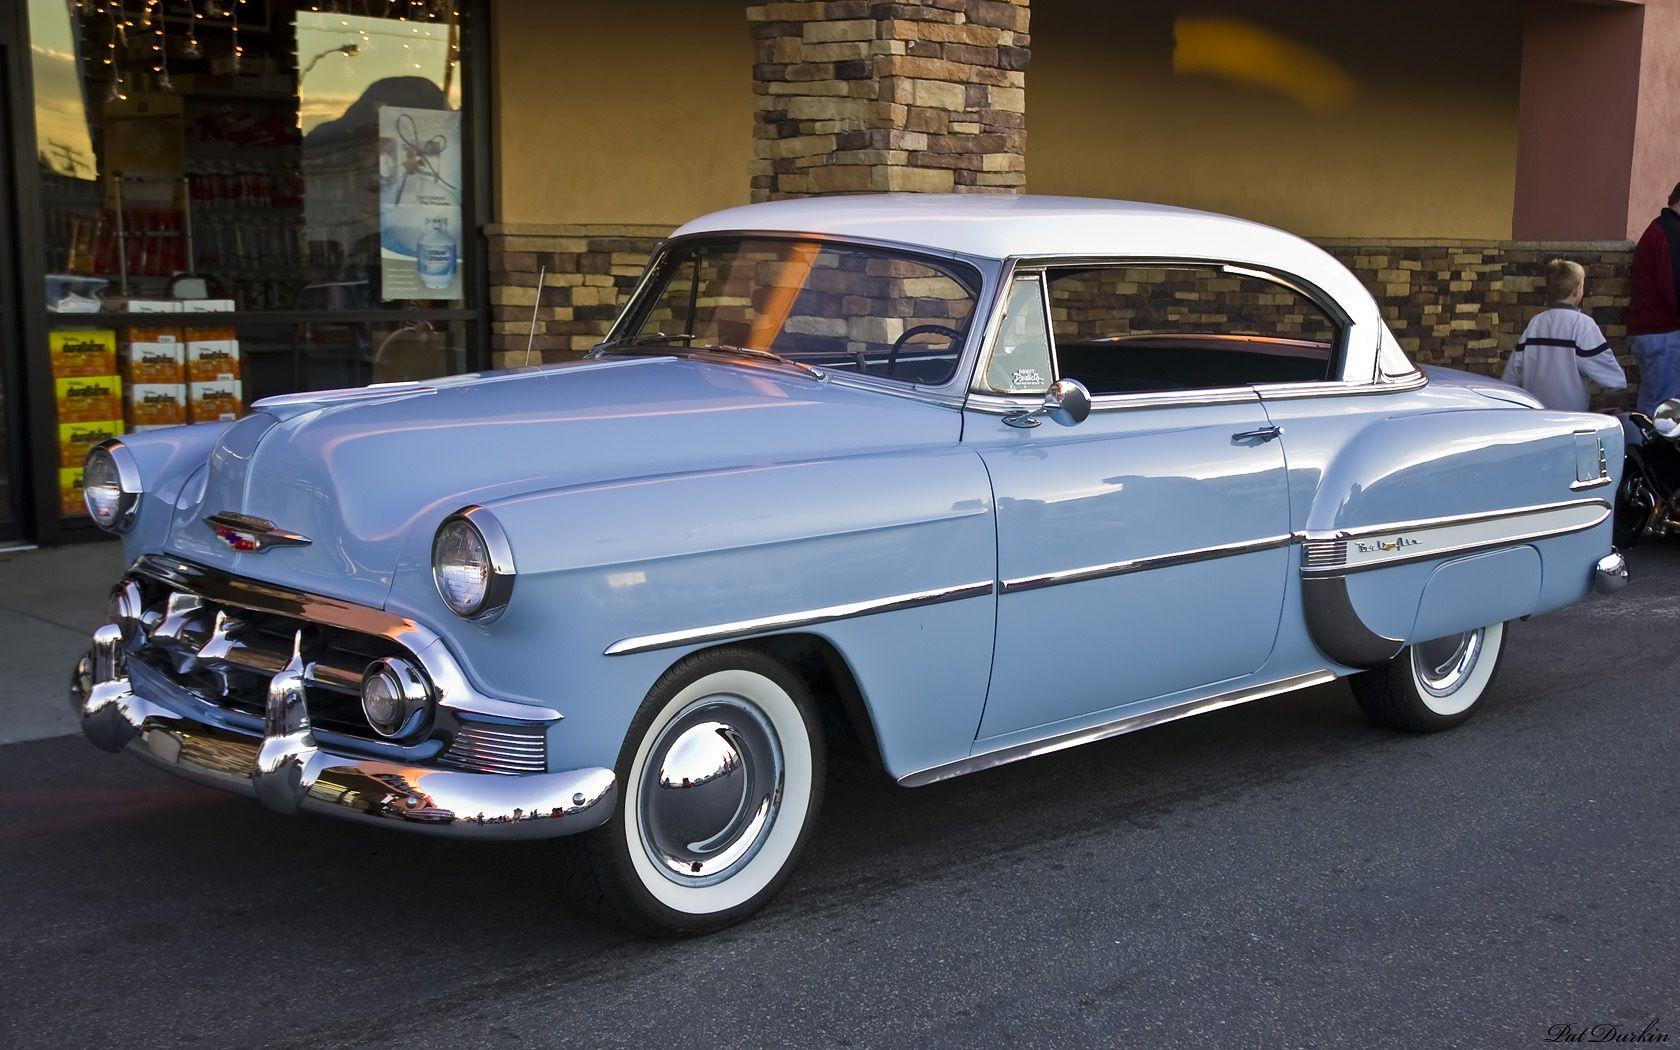 1953 Chevrolet Bel Air Ht White Over Light Blue Fvl Chevrolet Bel Air Classic Cars Chevrolet